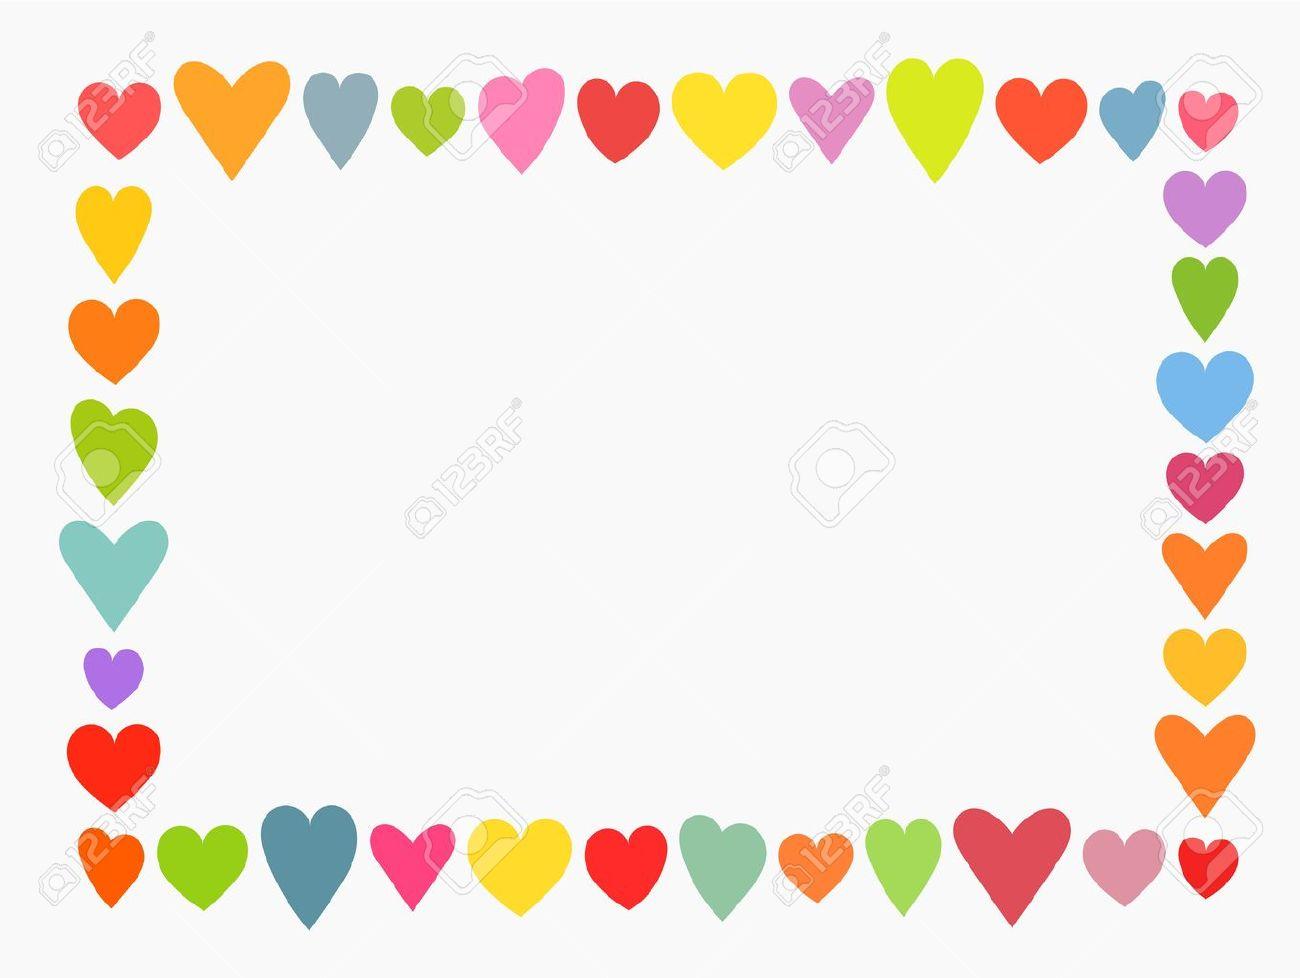 バレンタインデーのカラフルなかわいい心フレームベクトル イラスト